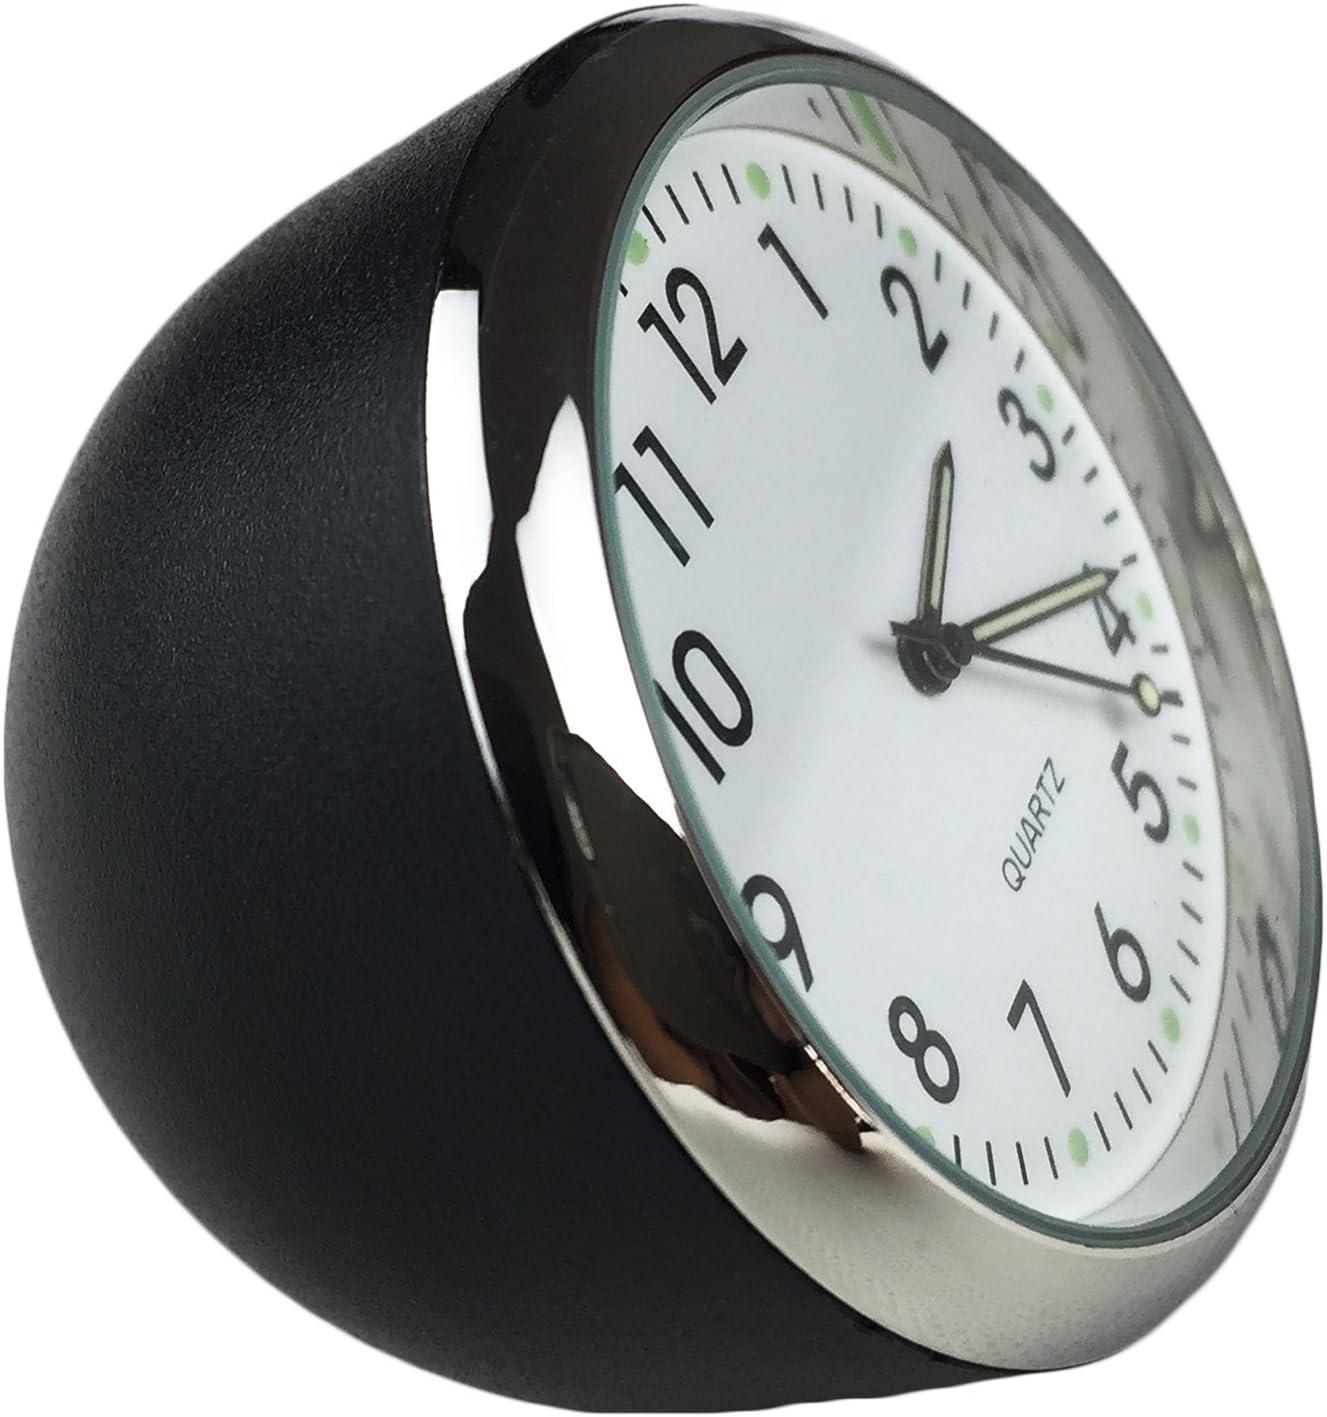 Dooppa - Reloj analógico pequeño para salpicadero de coche o mesa, cuarzo, estilo clásico (40 x 40 x 40 mm)